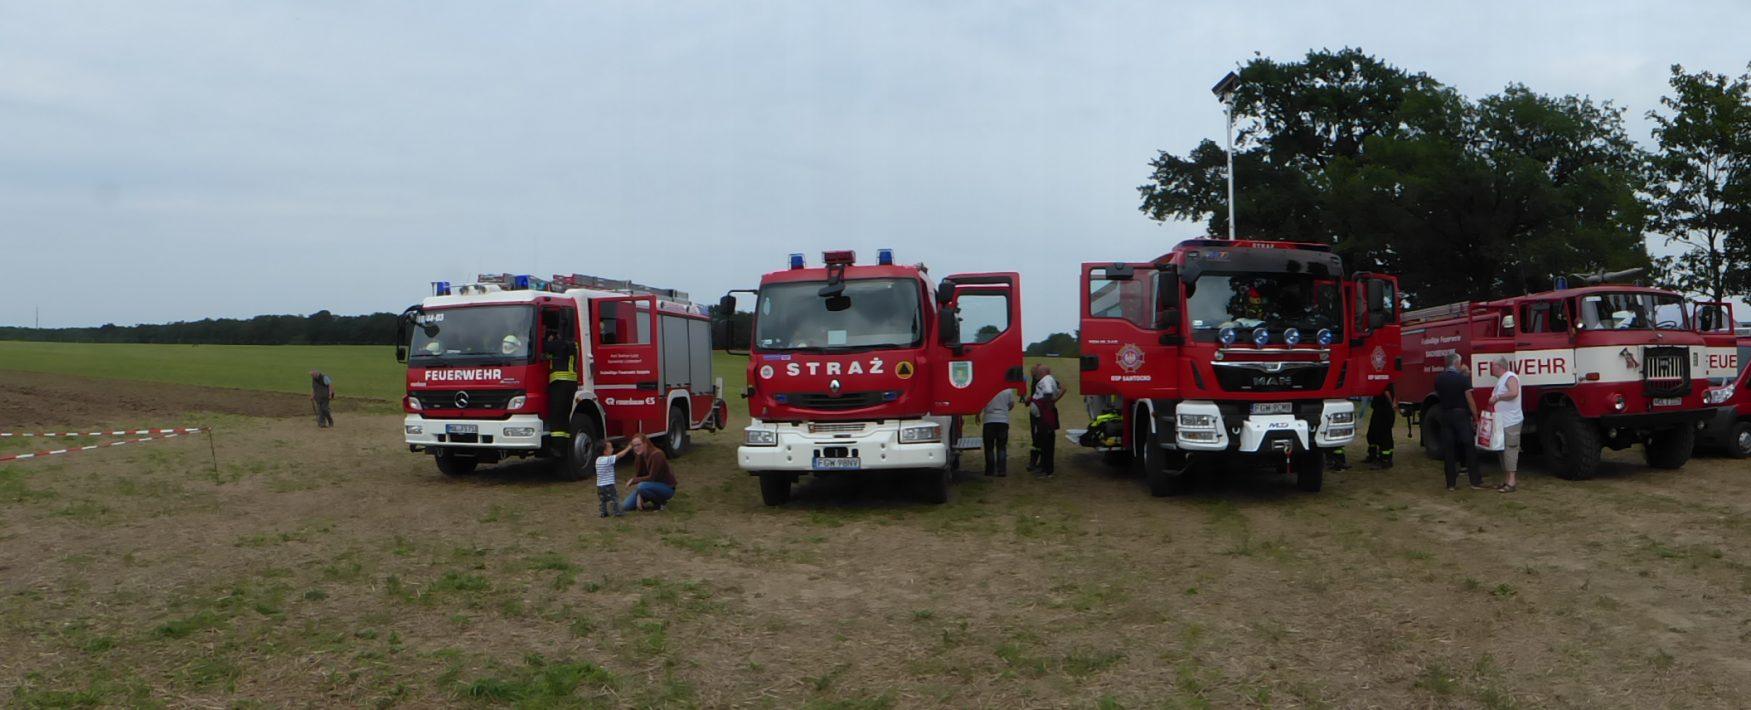 Feuerwehren aus Polen und dem Land Brandenburg beim Dampfpflügen